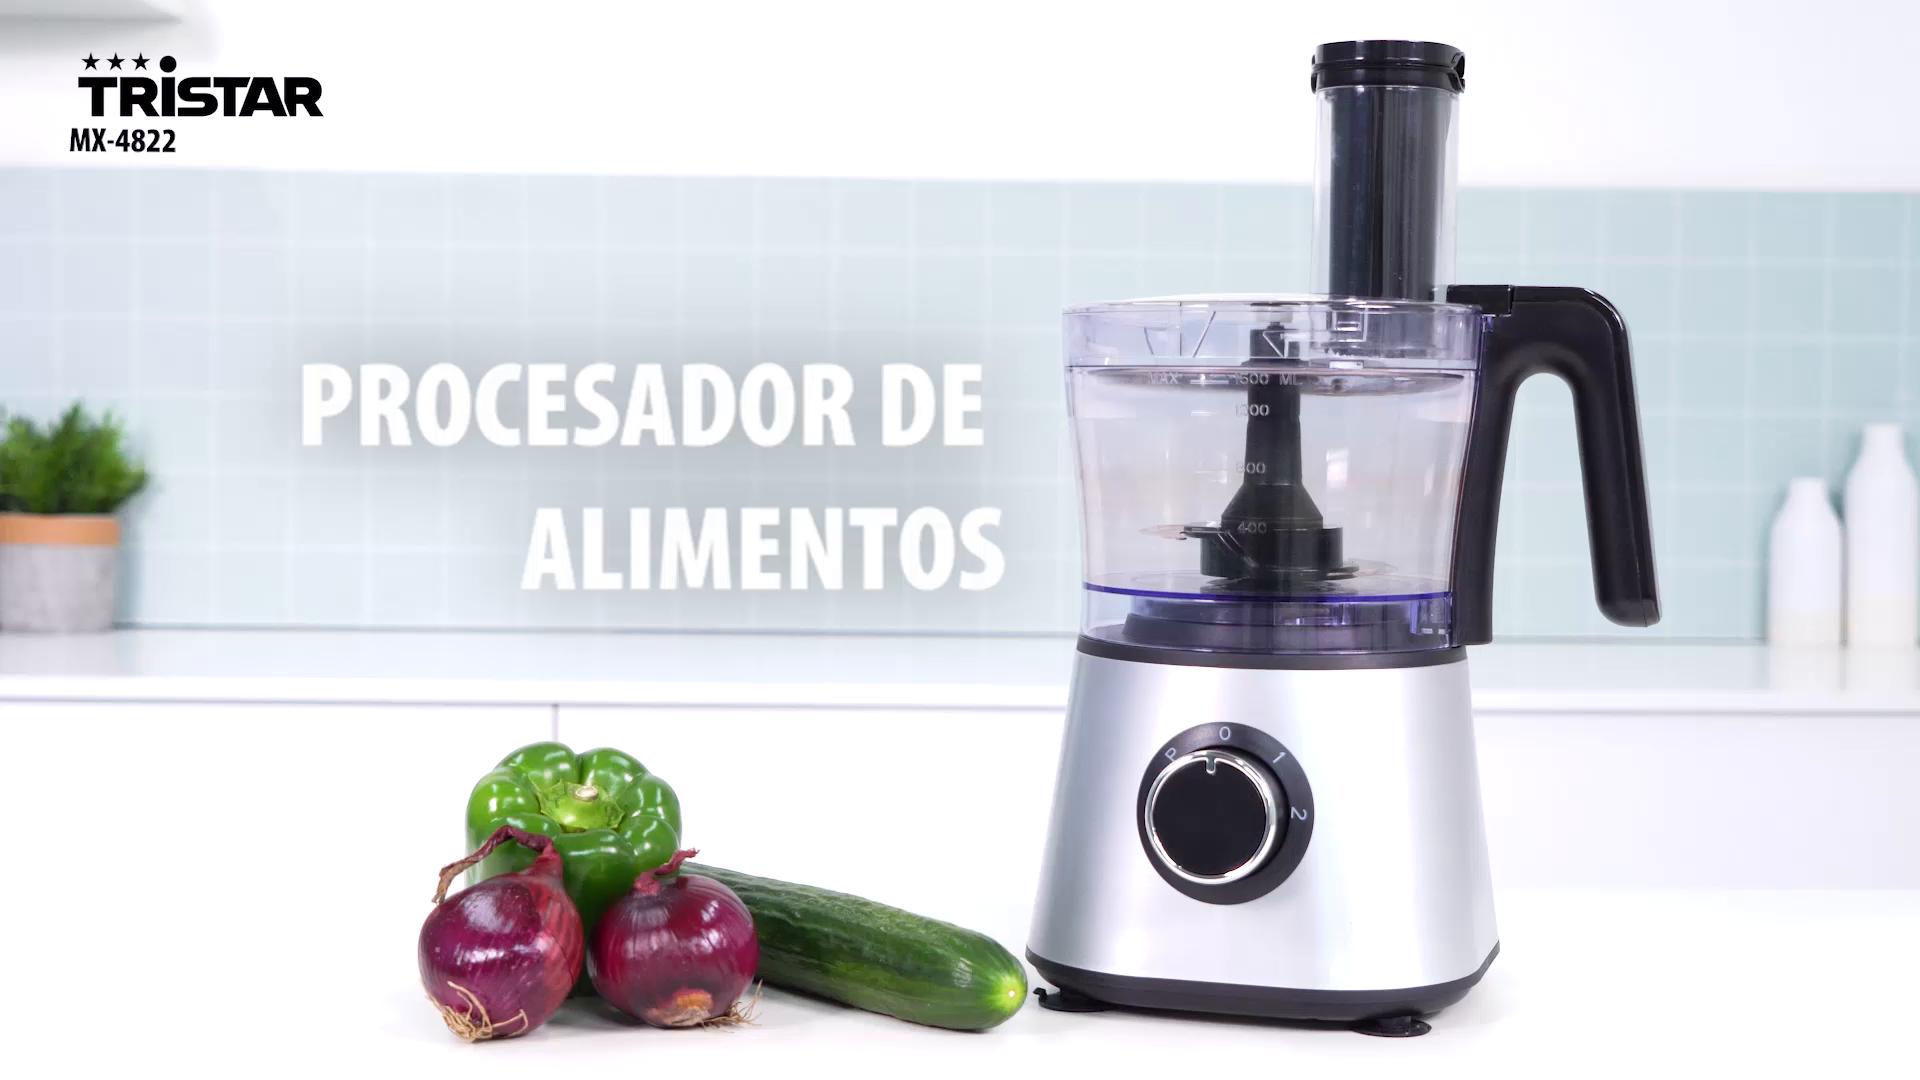 Tristar MX-4822 Robot de cocina, 3 programas de funcionamiento, 1.5 litros de capacidad, 600 W de potencia, Plástico, Plata: Amazon.es: Hogar